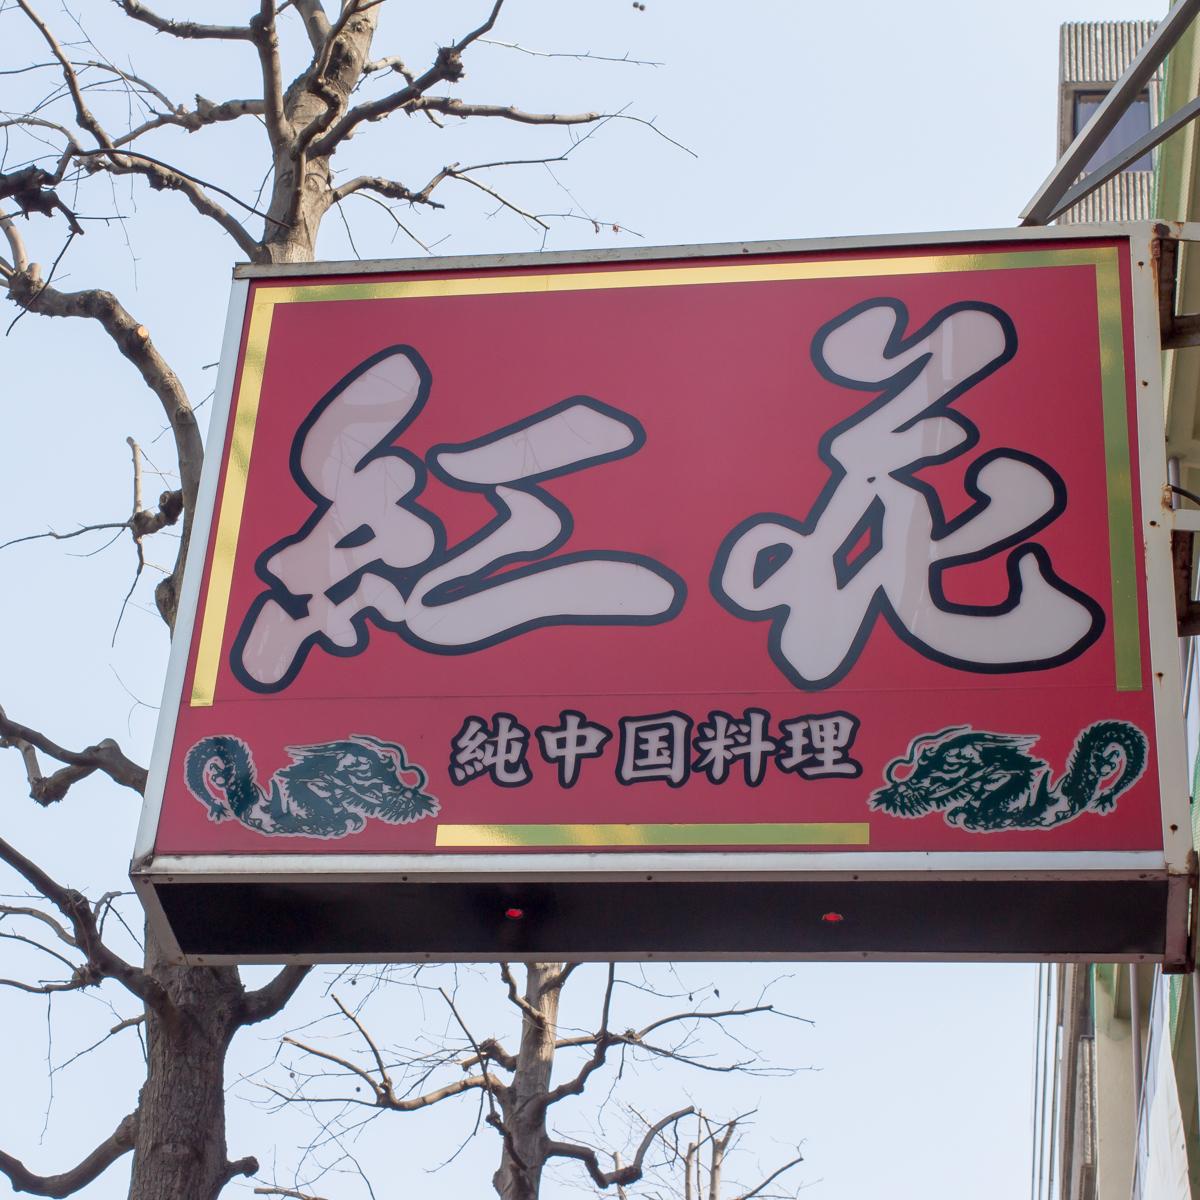 横浜マラソン(23)